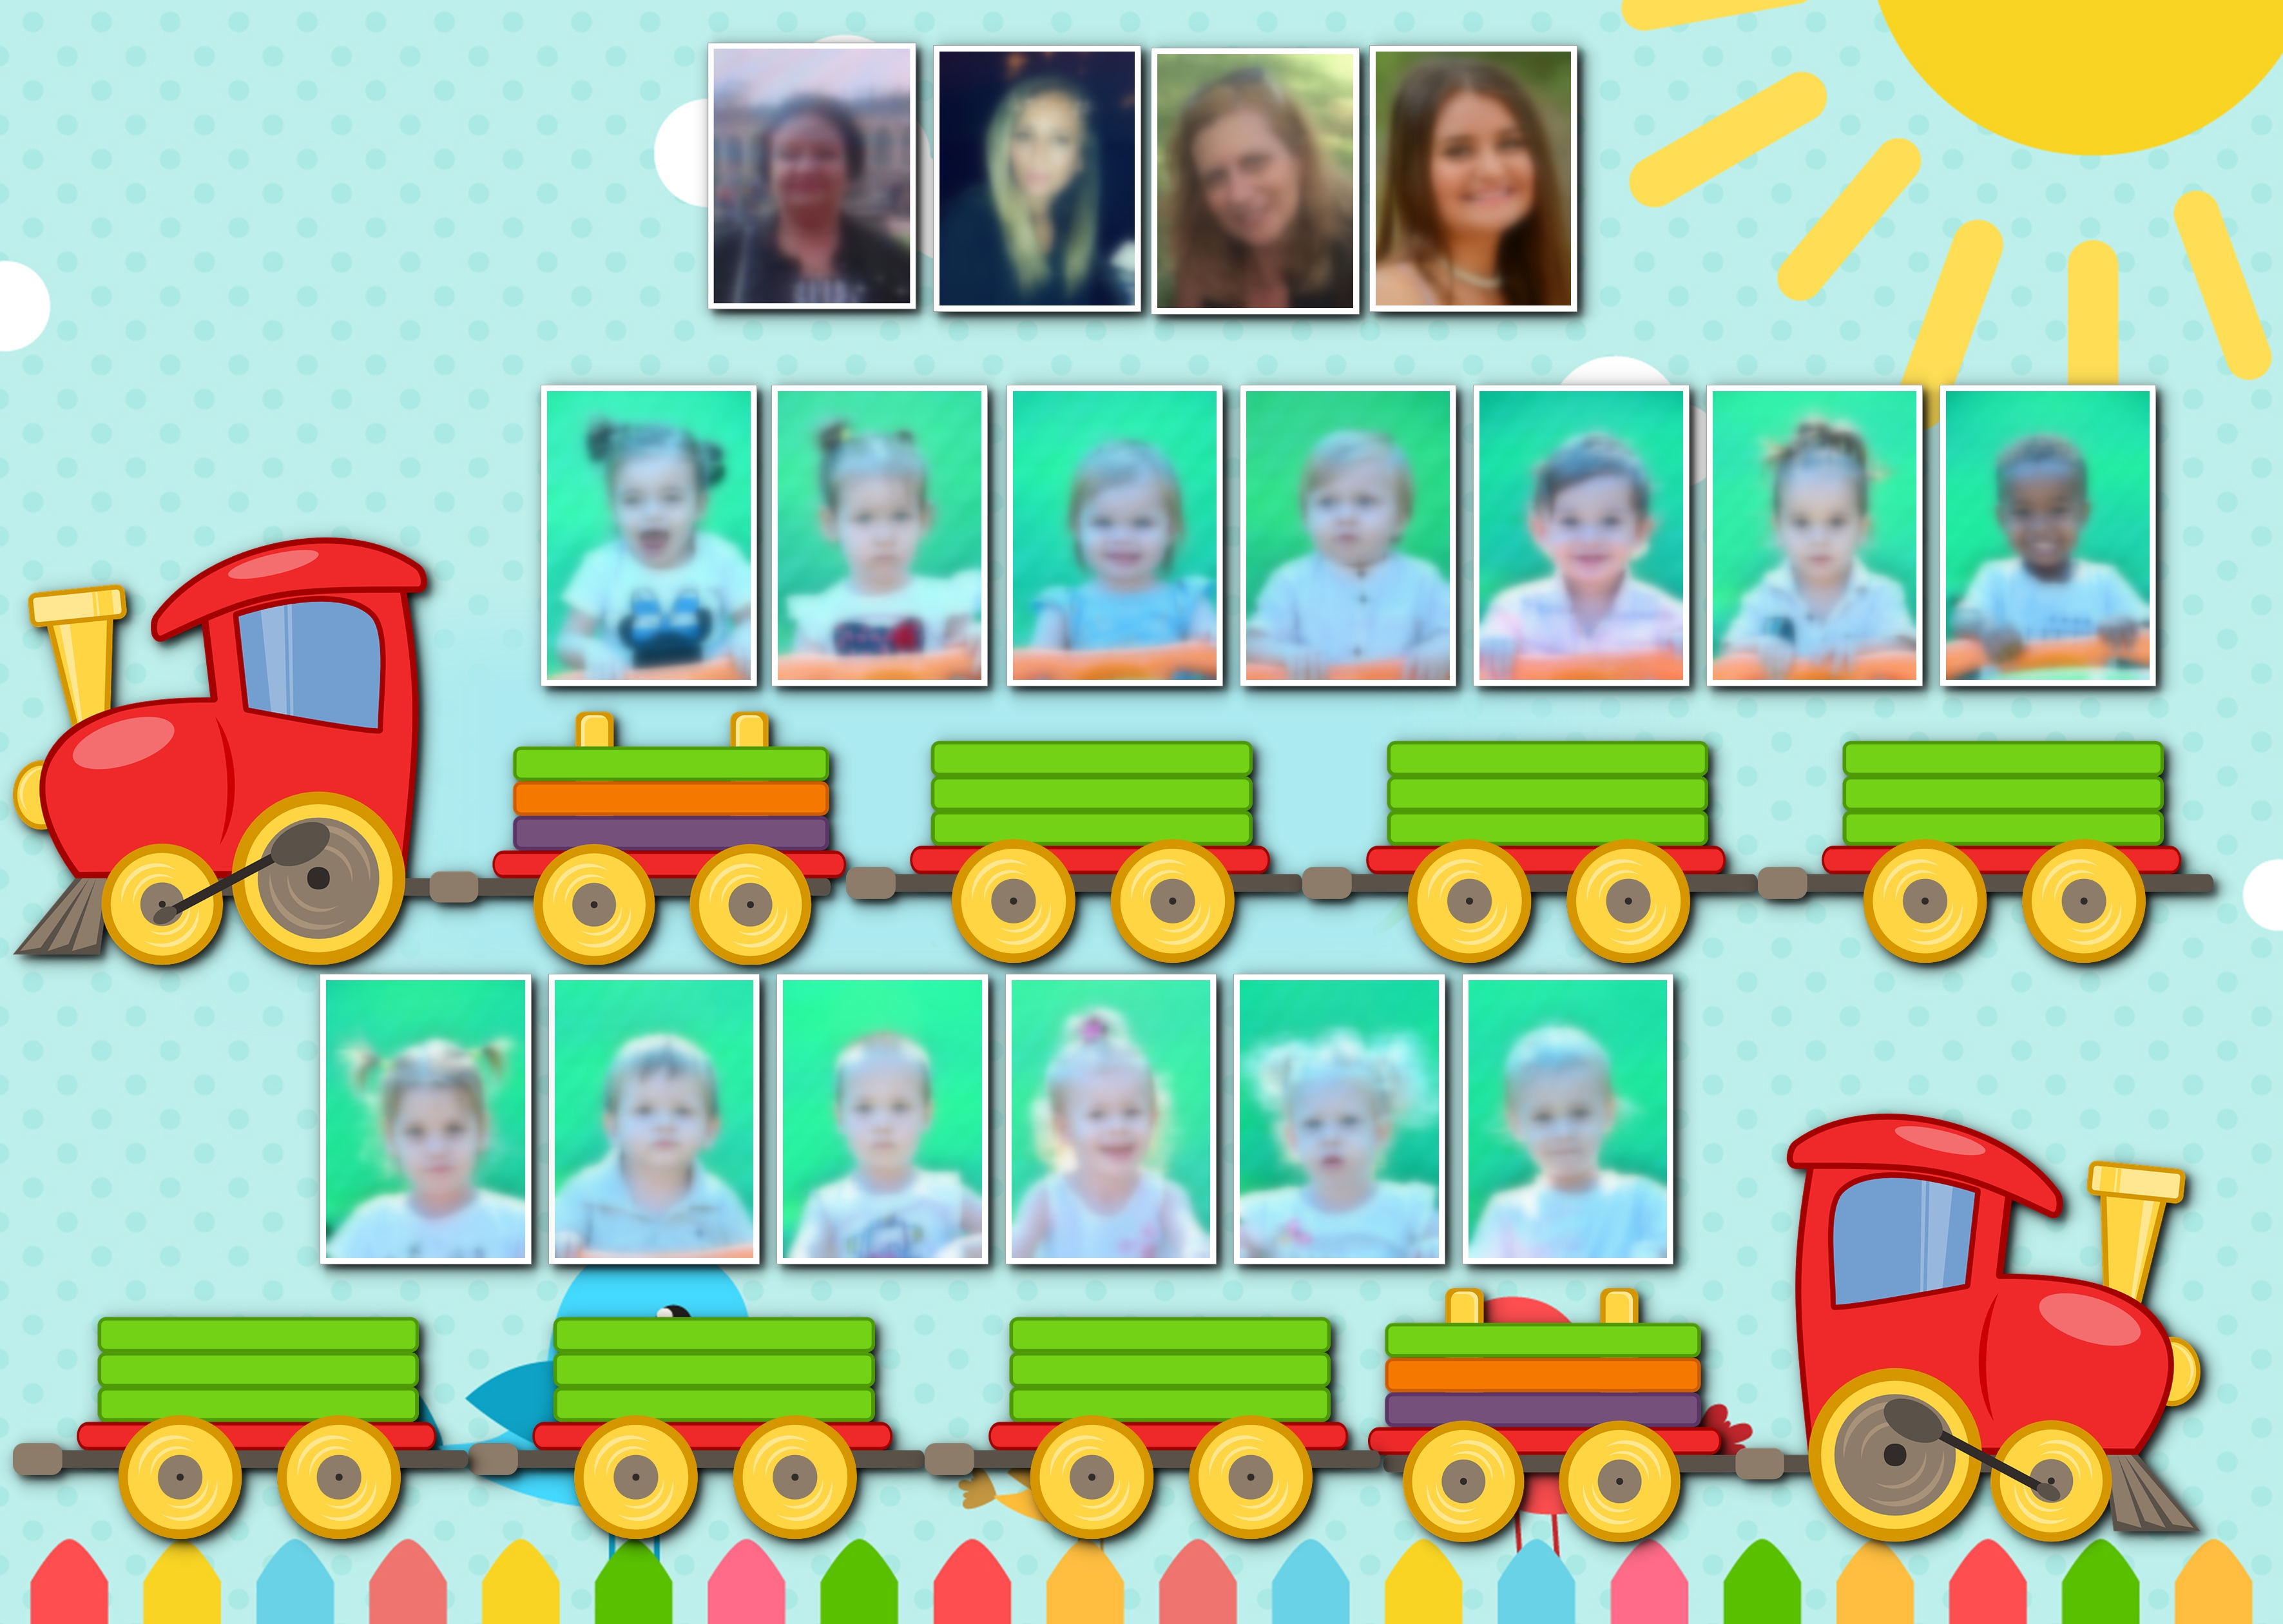 פולדר רכבת